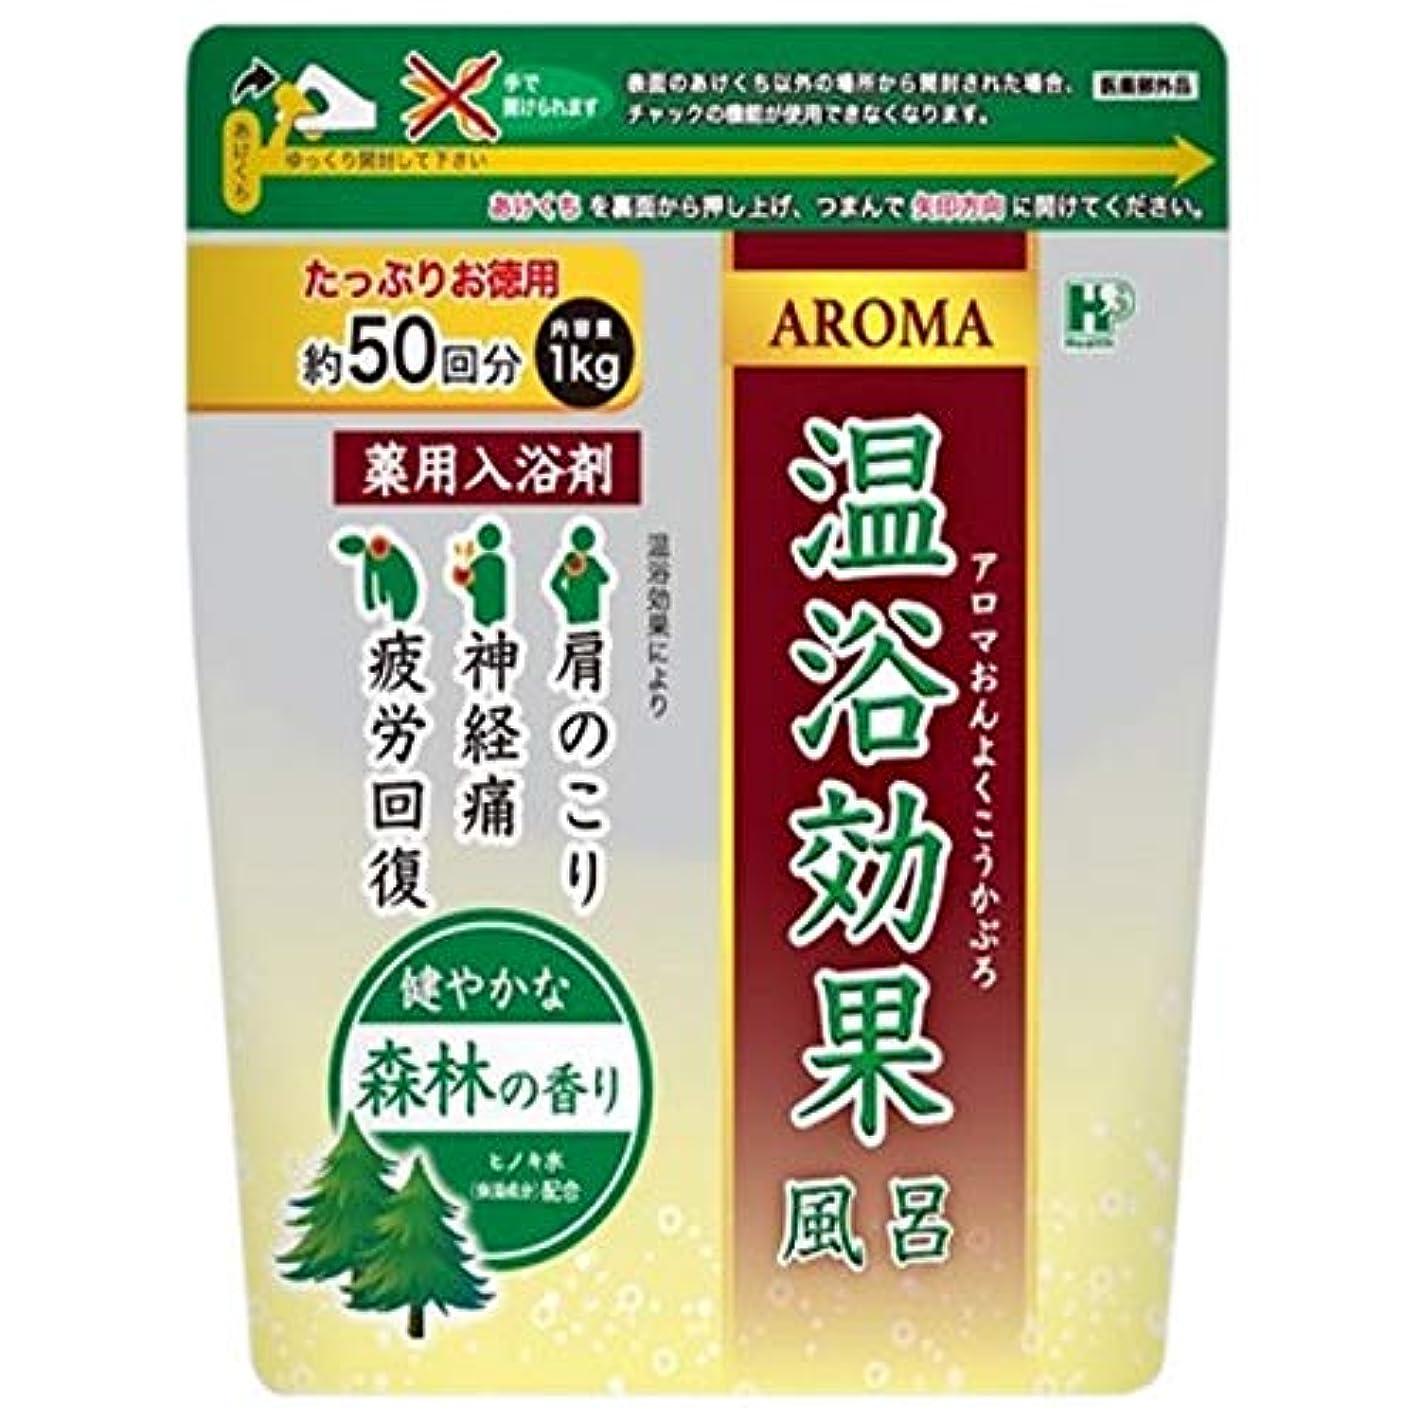 砂の転用百薬用入浴剤 アロマ温浴効果風呂 森林 1kg×10袋入